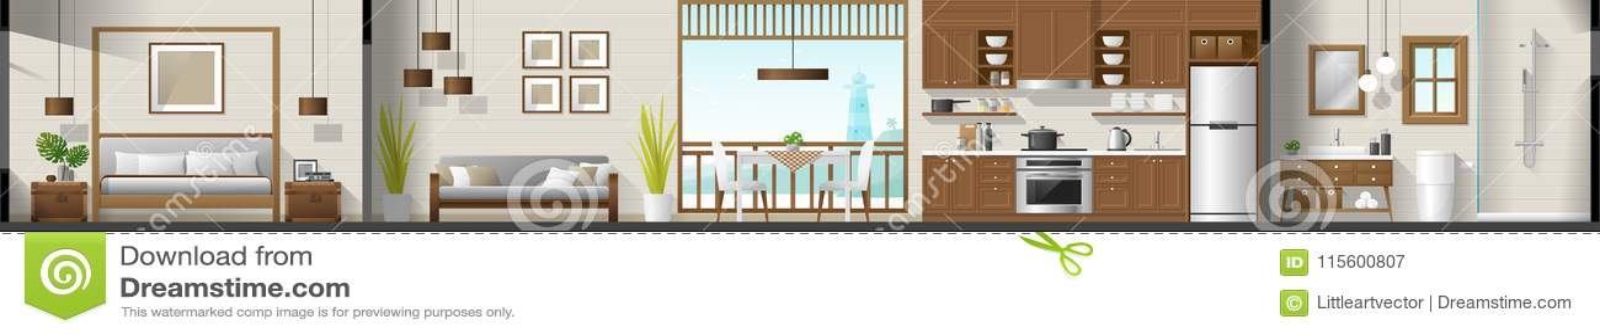 Alloggi il panorama interno della sezione compreso la camera da letto, il salone, la sala da pranzo, la cucina ed il bagno